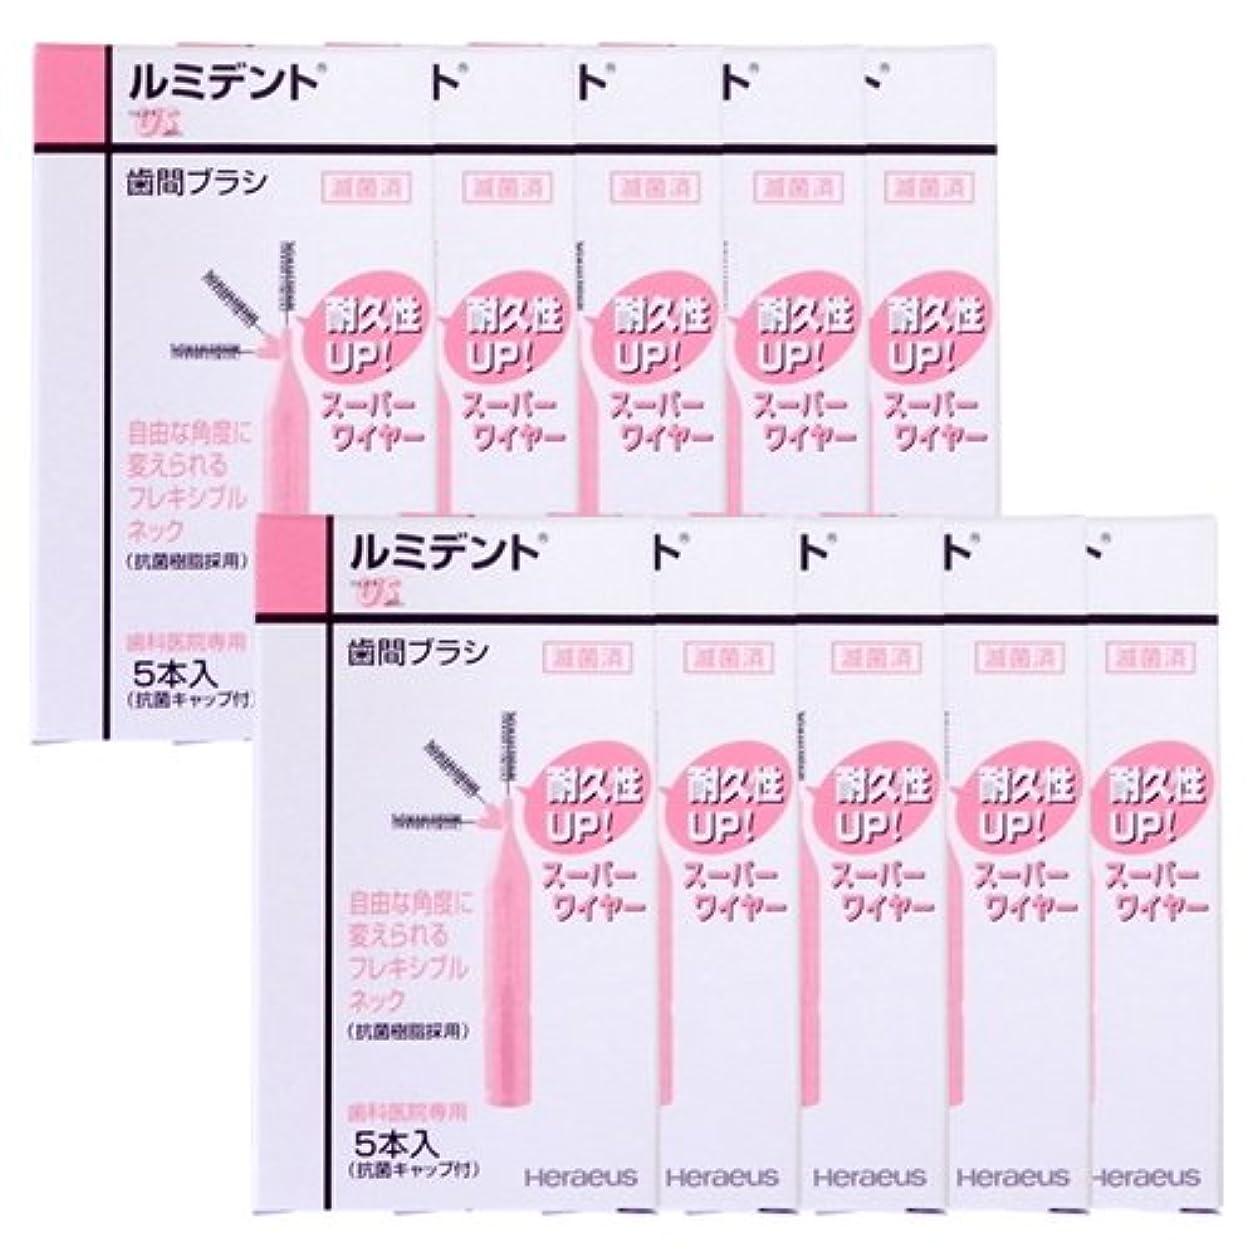 設計図バイオリン対処ヘレウス ルミデント 歯間ブラシ 5本入 × 10個 US ピンク